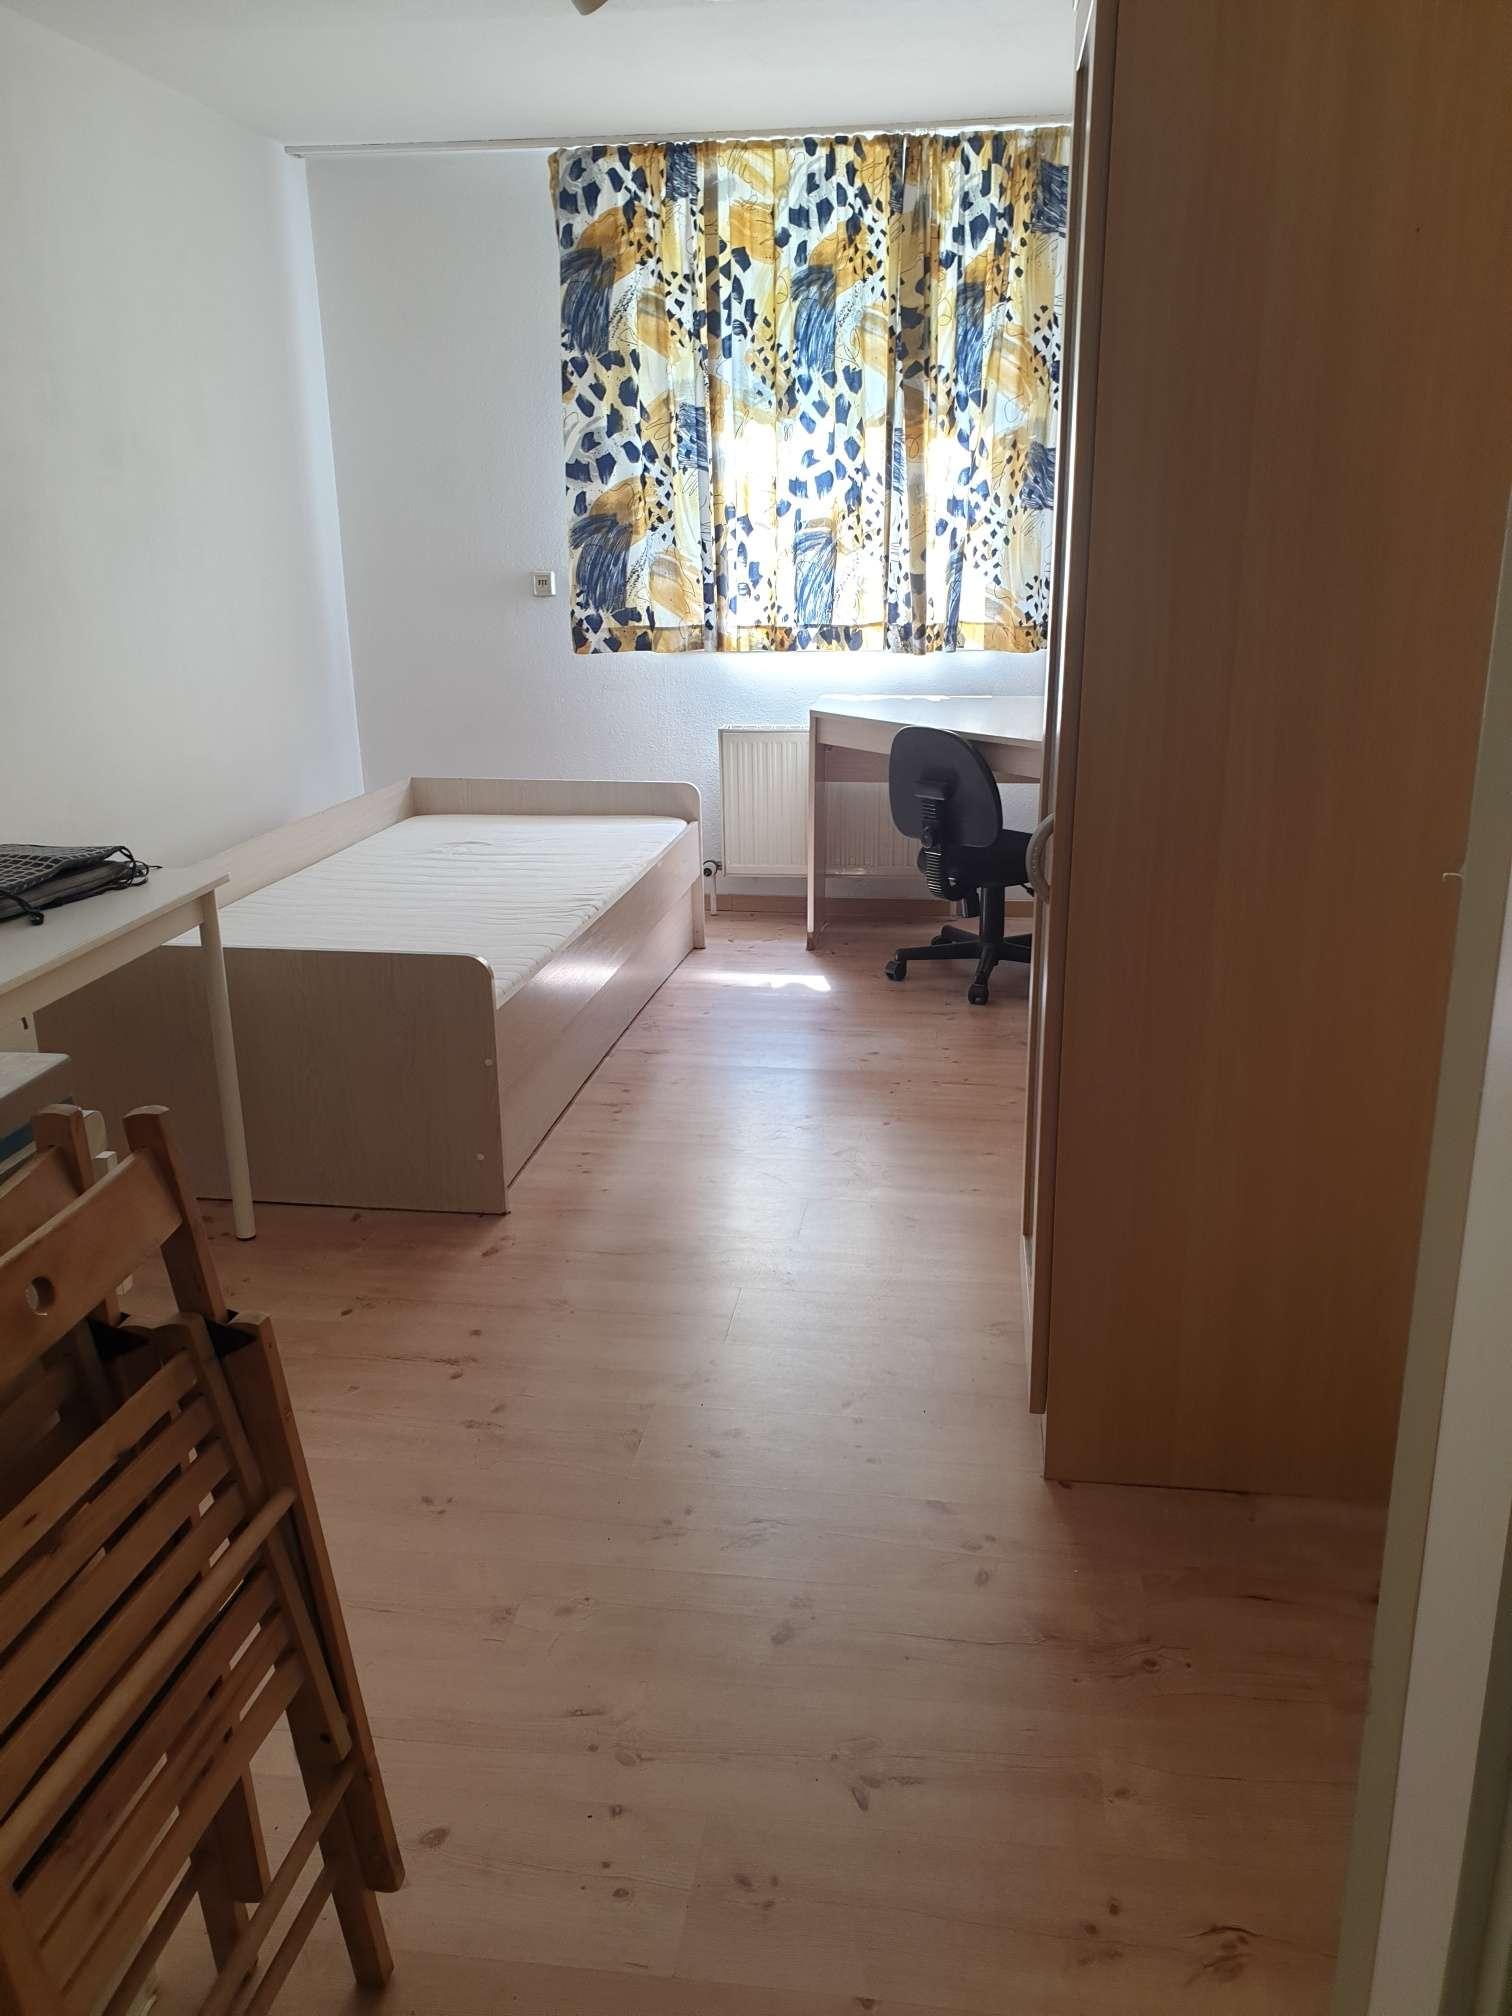 Möblierte 1-Zi.-Wohnung mit Kleinküche, Wfl. ca. 18 m²